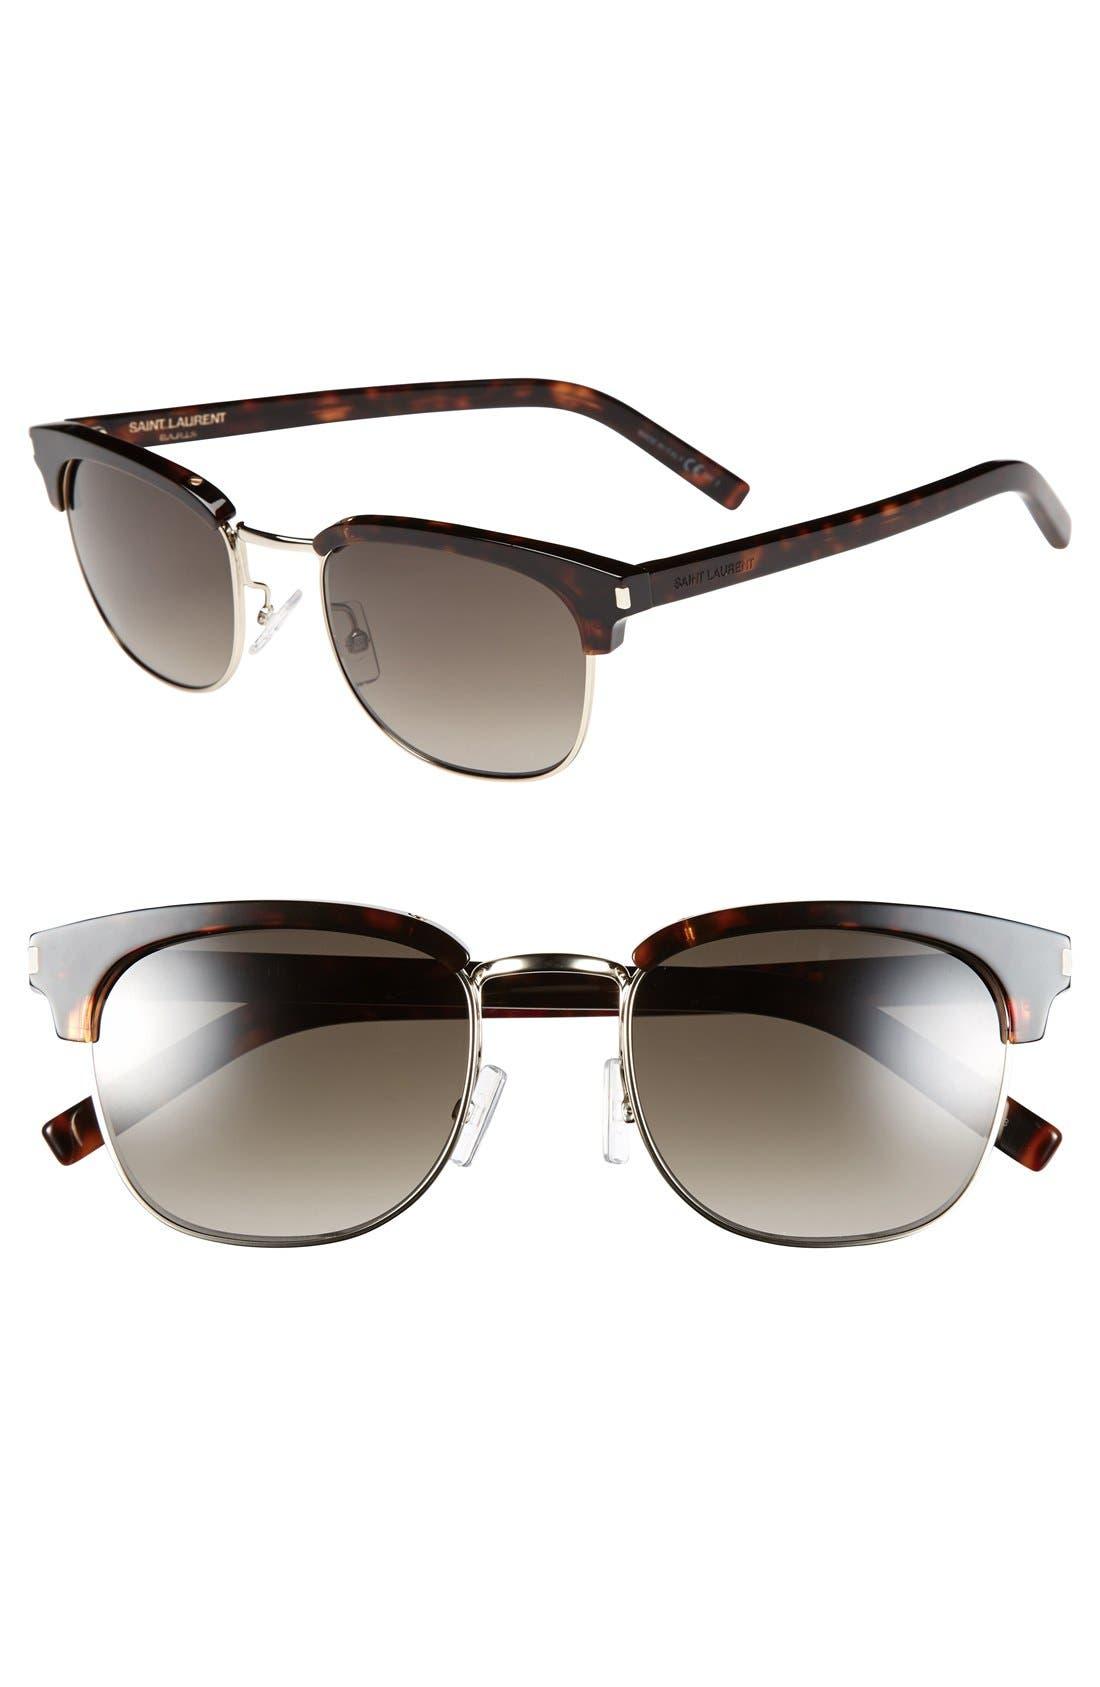 Main Image - Saint Laurent 52mm Retro Sunglasses